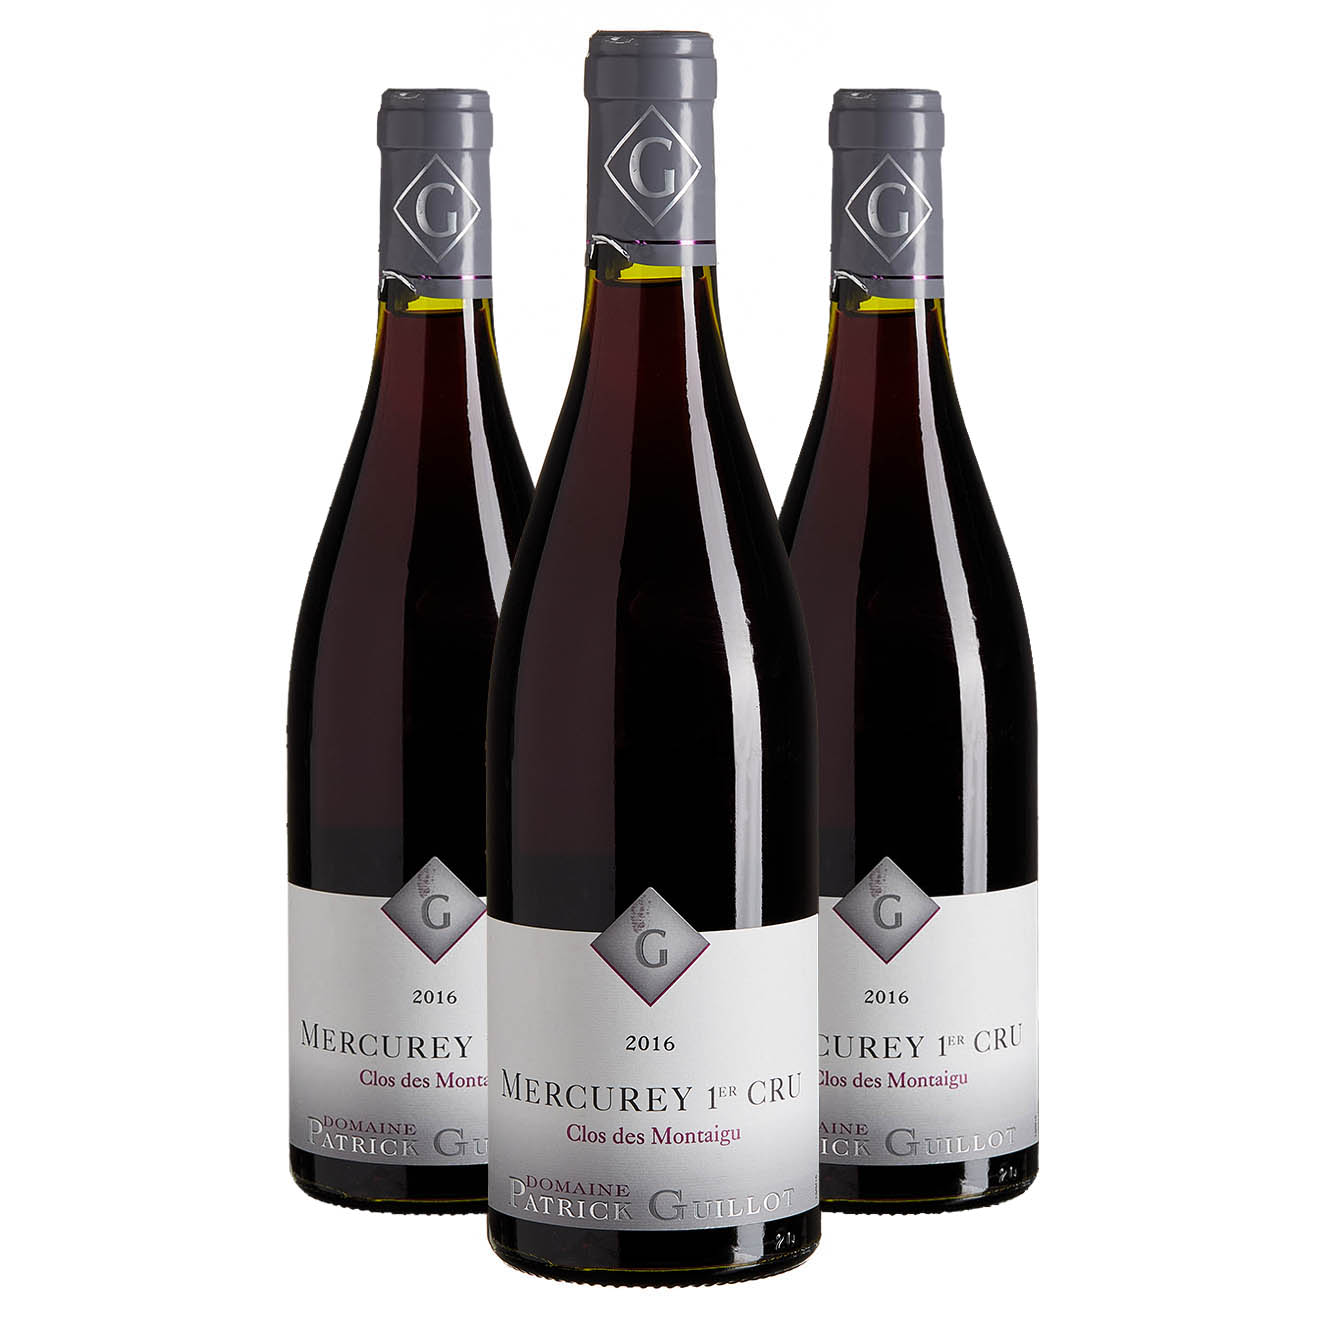 3 Mercurey 1er Cru clos des montaigu 2016 P. Guillot 75cl